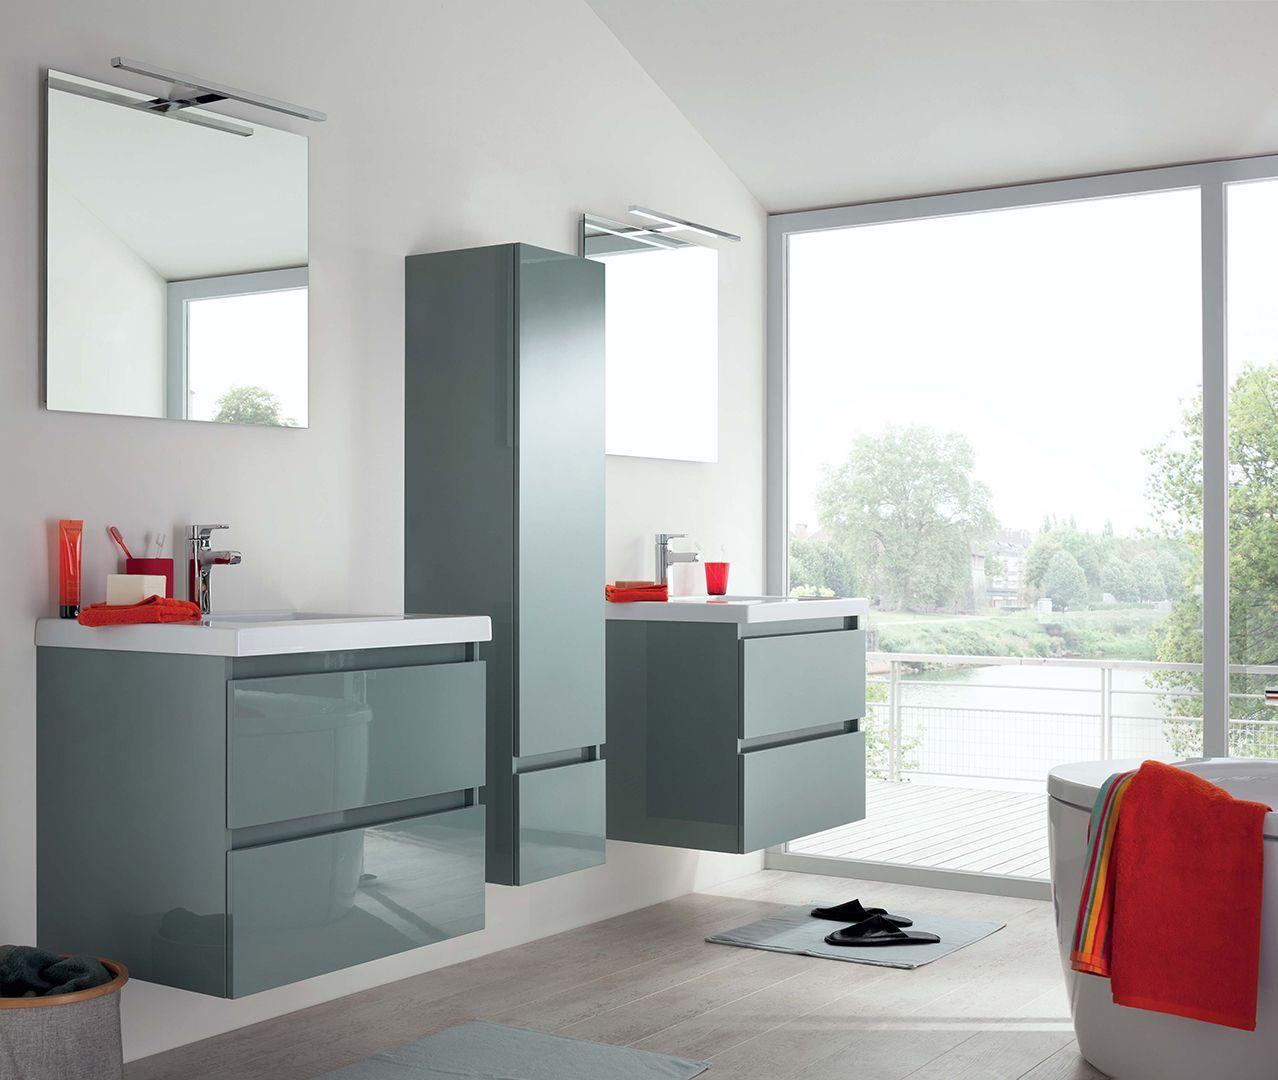 esprit zen pour cette grande salle de bain lumineuse et moderne les 2 meubles avec